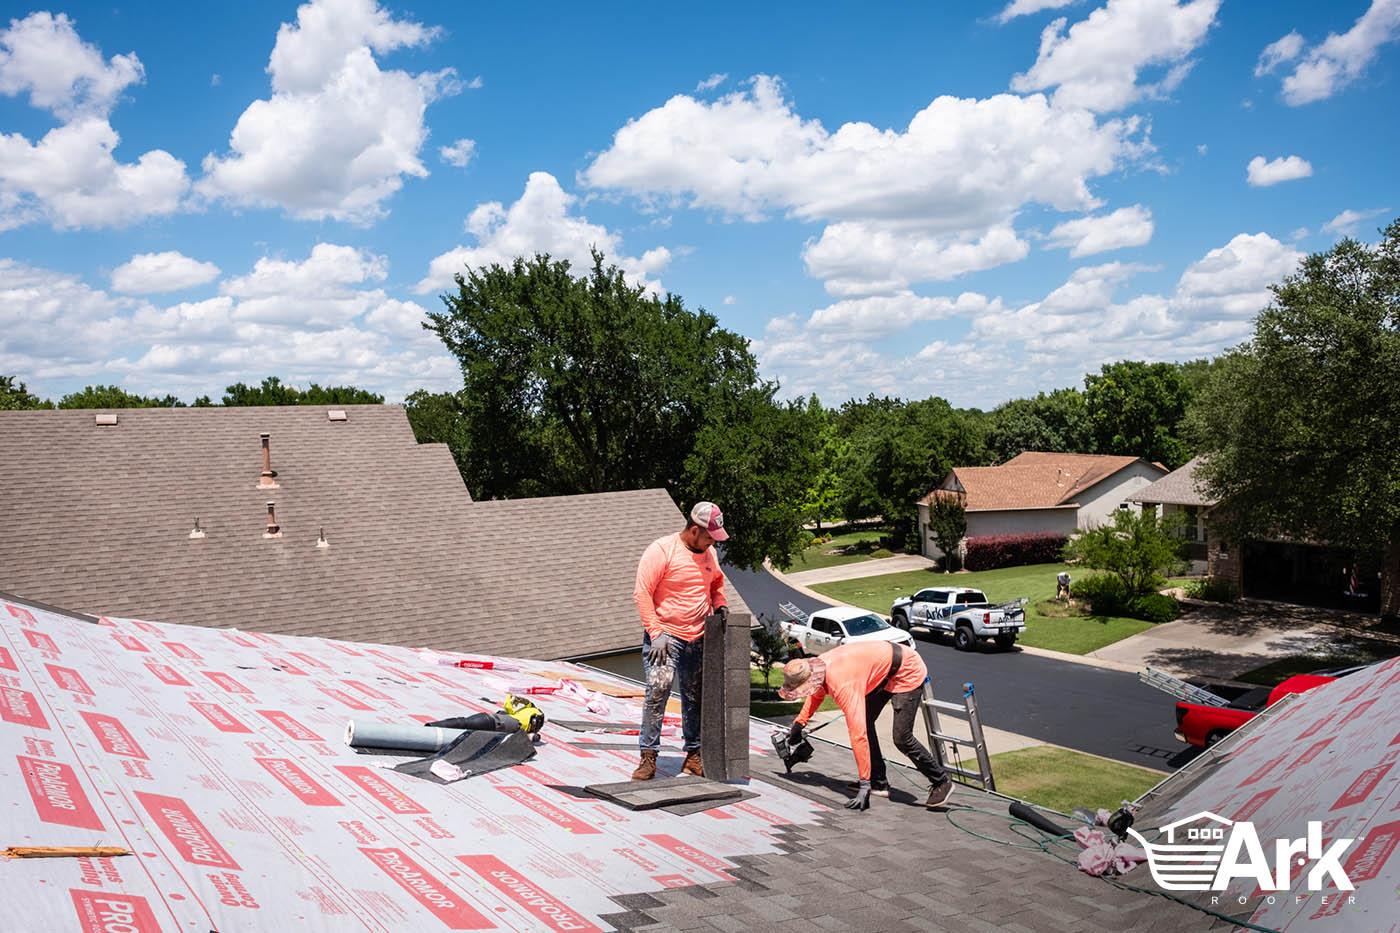 Roofing - Austin,TX - Georgetown, TX - Cedar Park, TX - Round Rock, TX - Pflugerville, TX